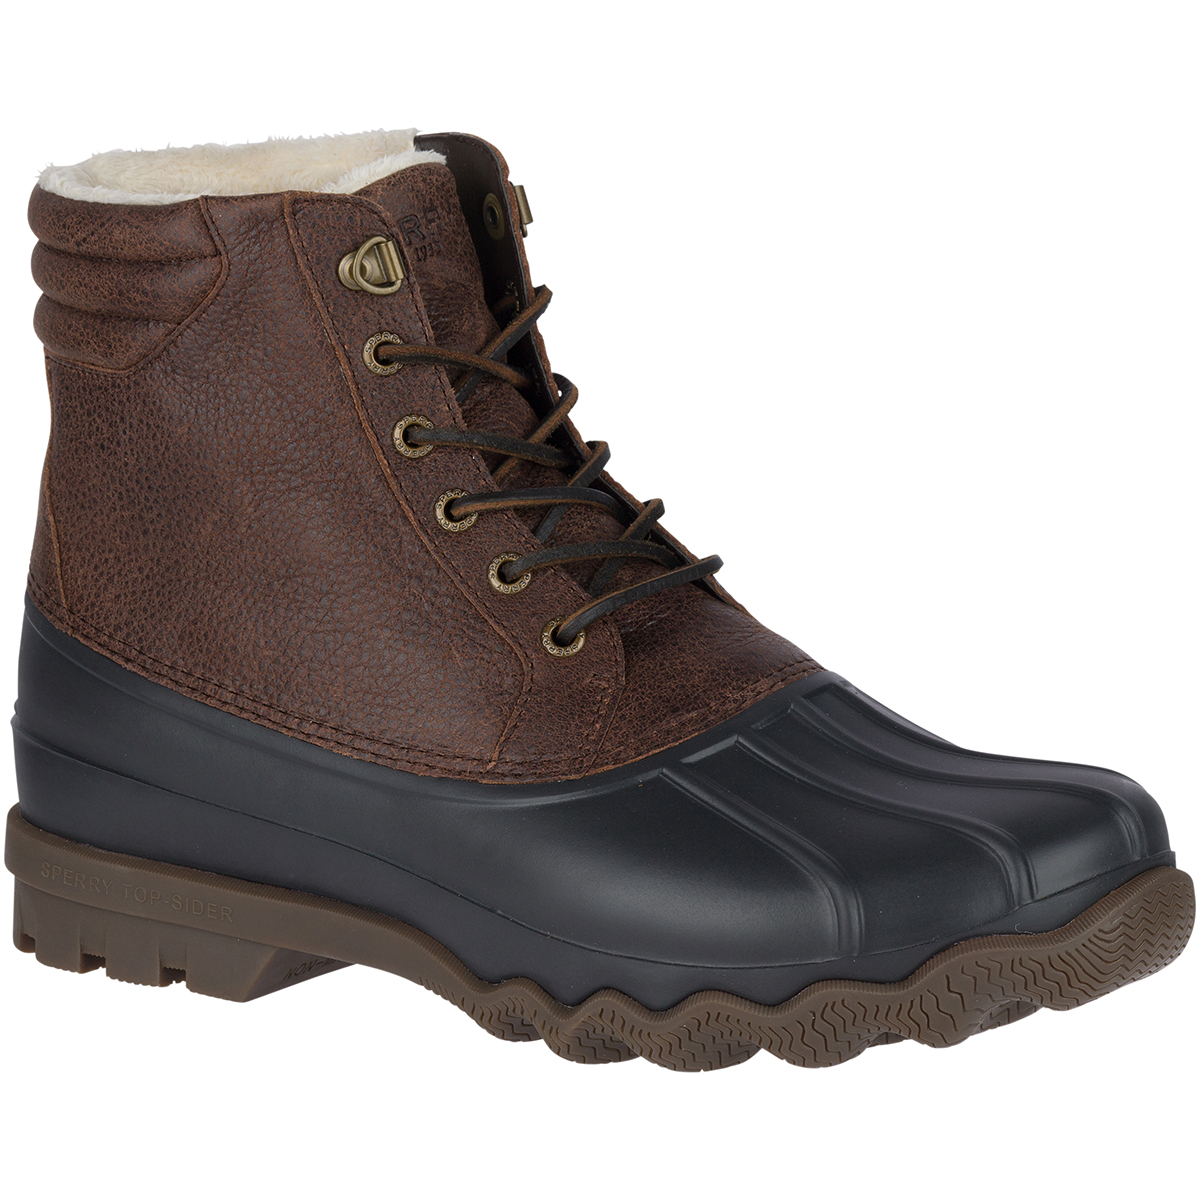 Sperry Men's Avenue Winter Waterproof Duck Boots – Size 10